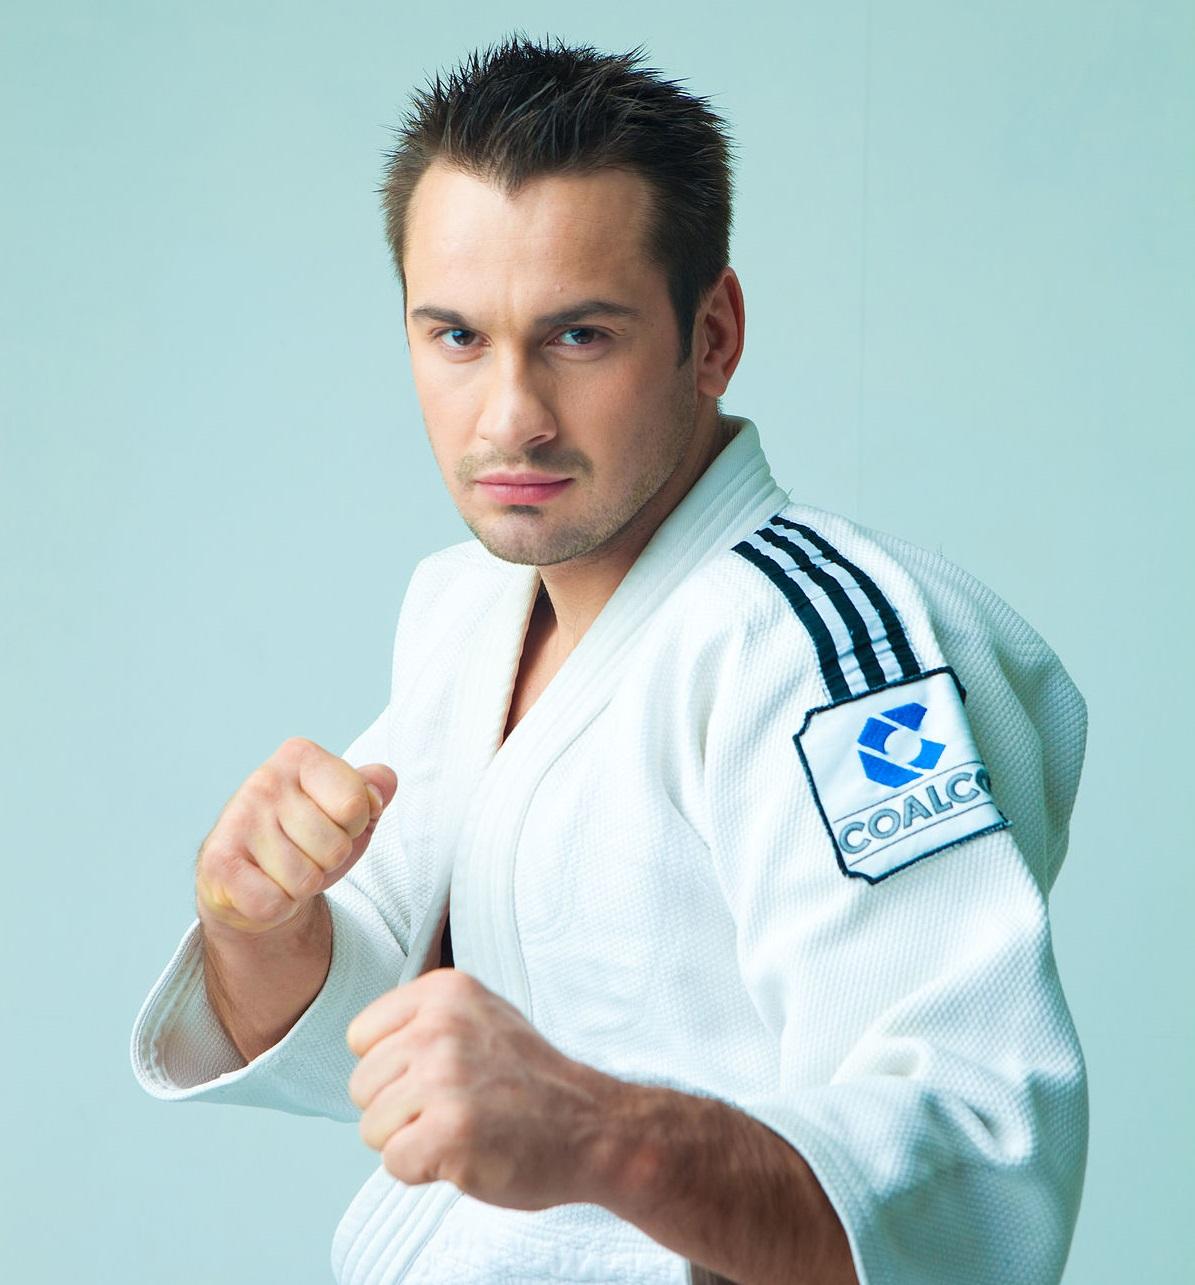 Ярославль ждет большое спортивное будущее